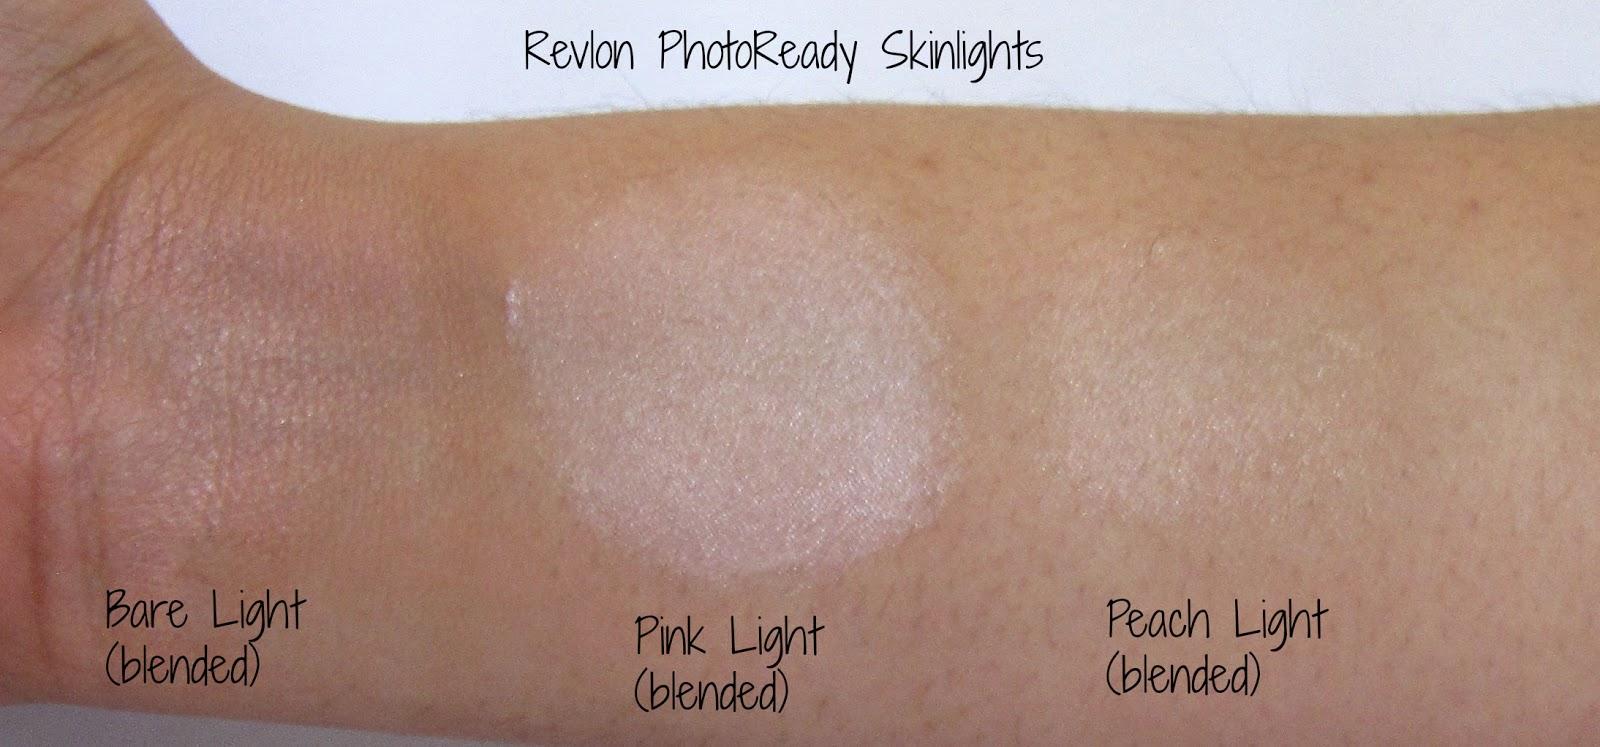 PhotoReady Skinlights Face Illuminator by Revlon #5